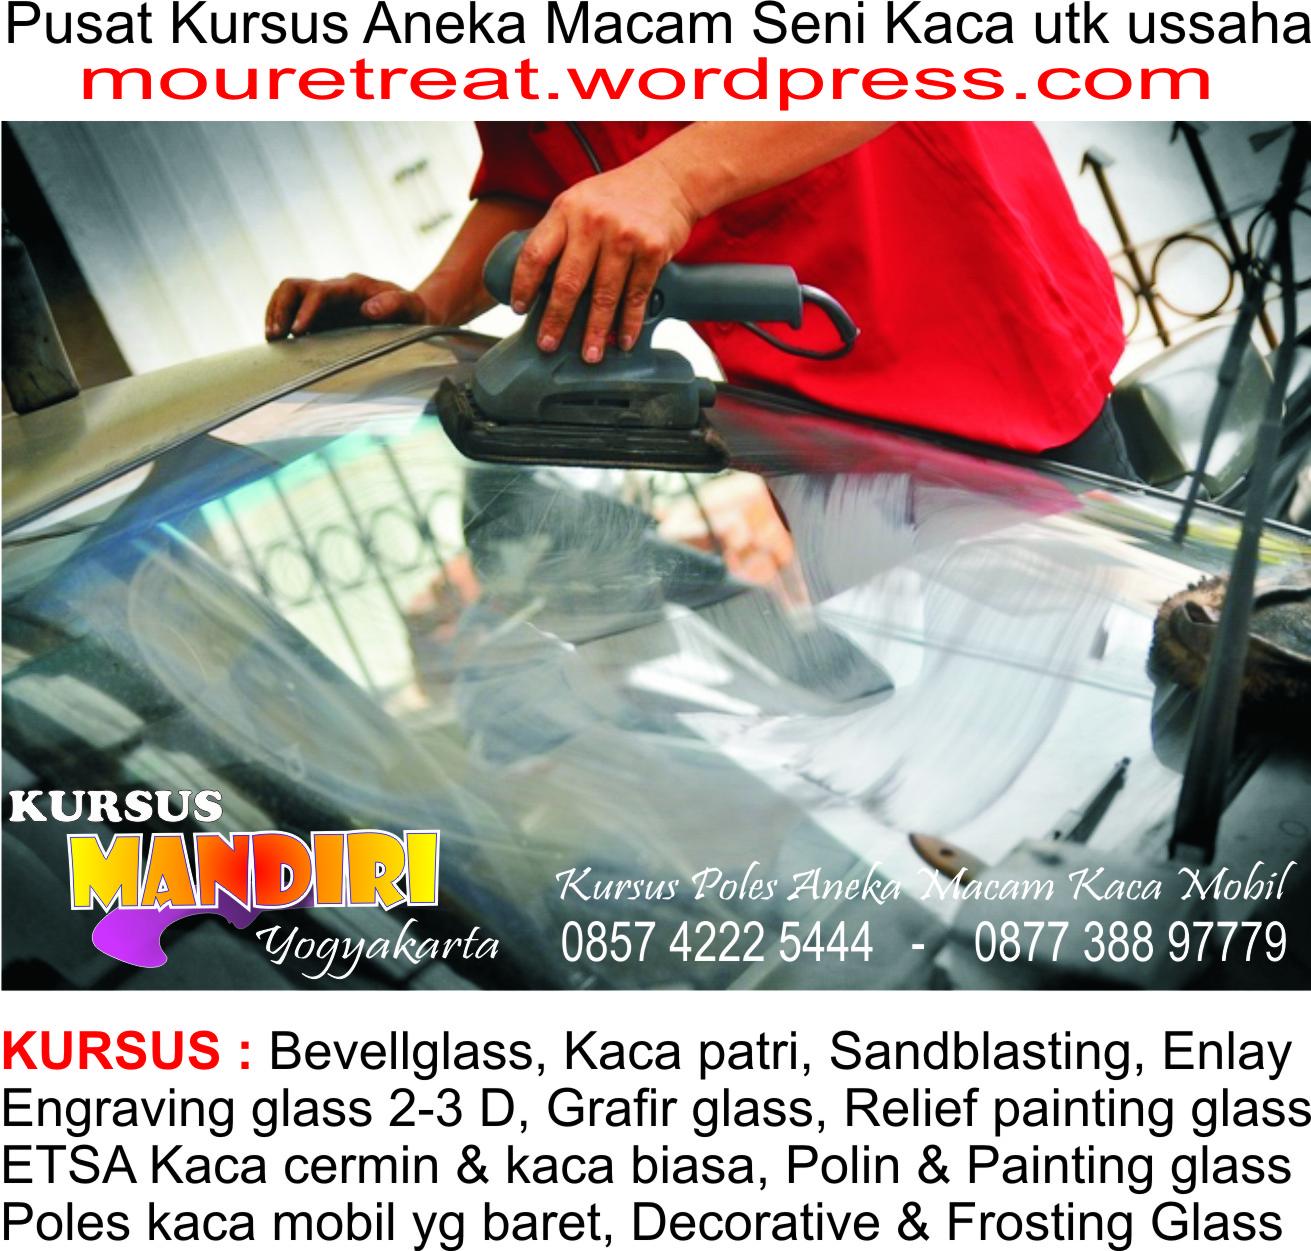 Gantungan Kunci Karet Frosted Fiberglass Digital Printing Emboss